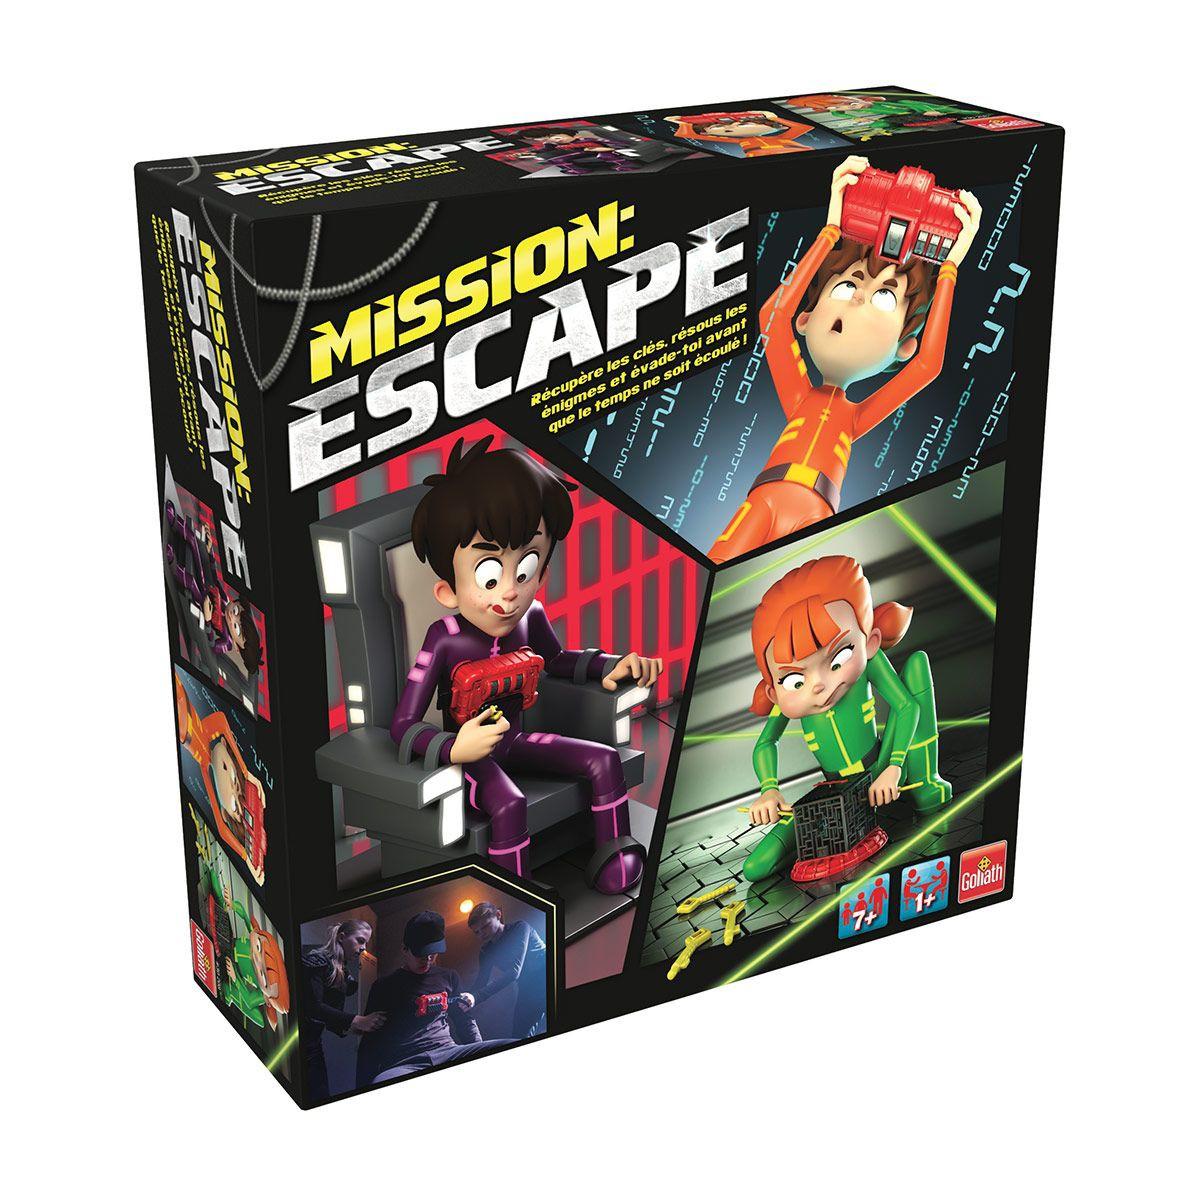 jeu mission escape